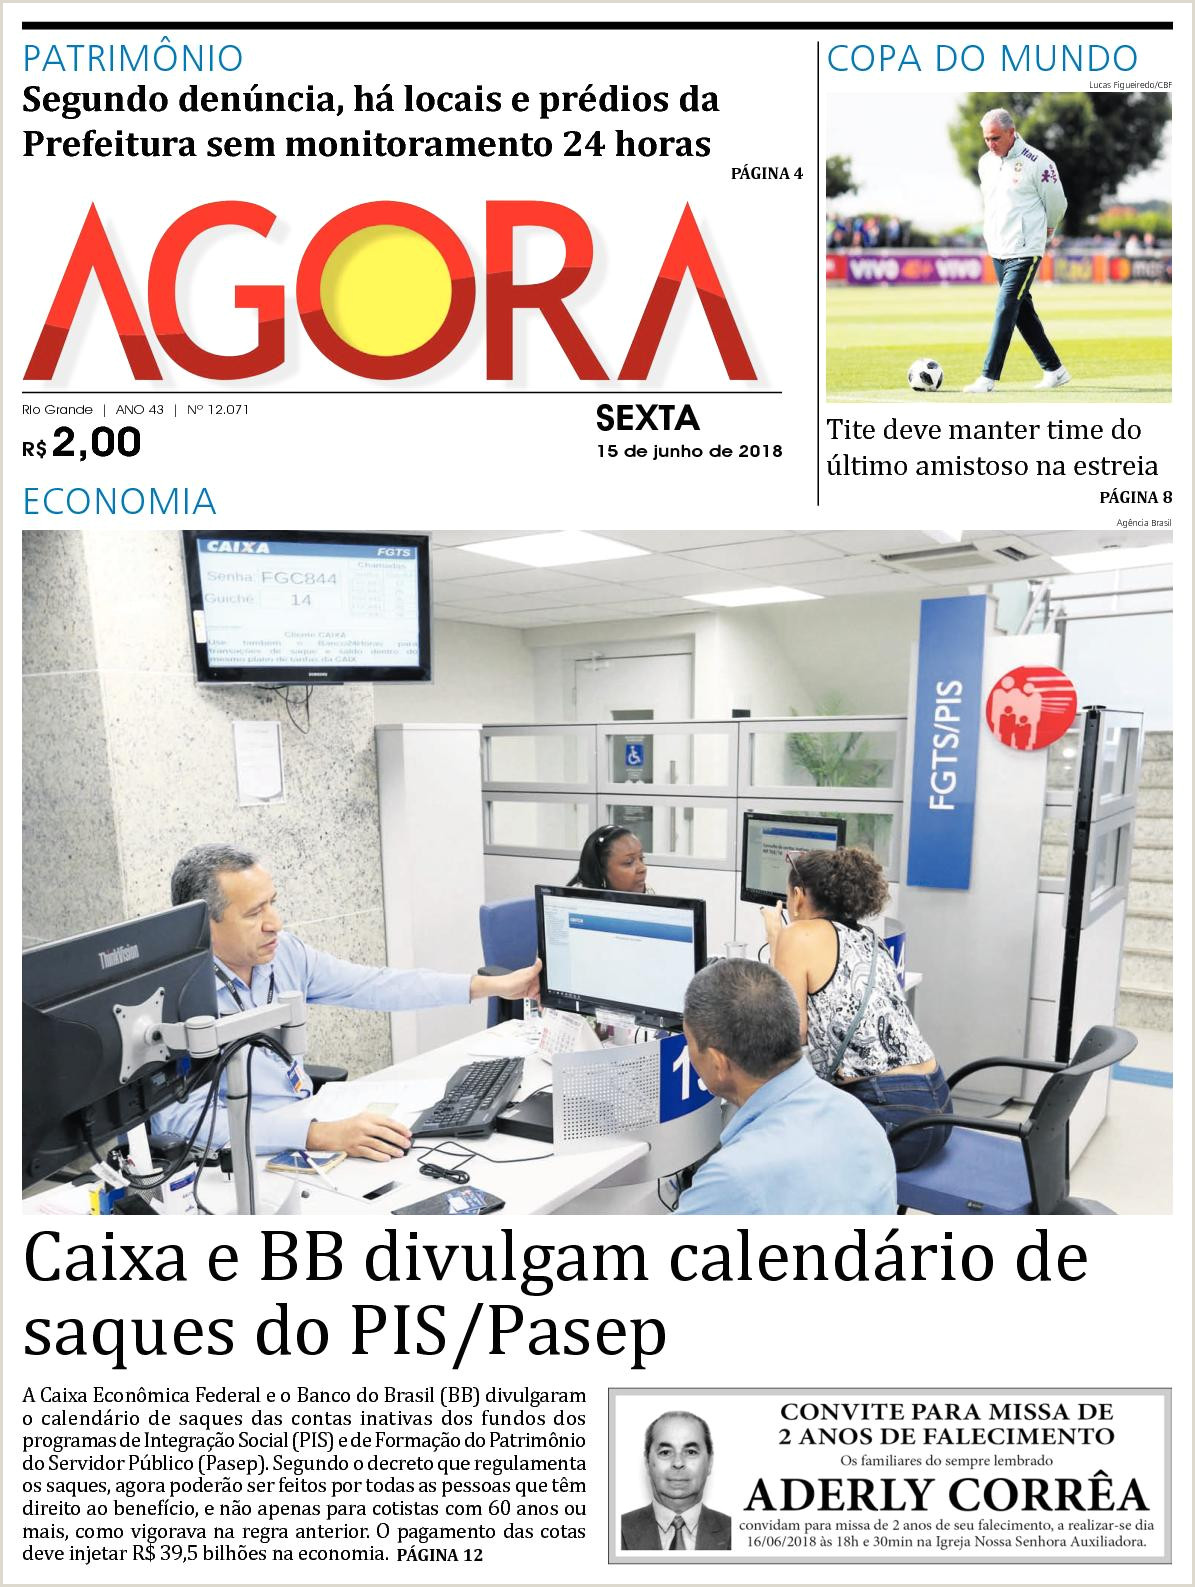 Calaméo Jornal Agora Edi§£o 15 de Junho de 2018